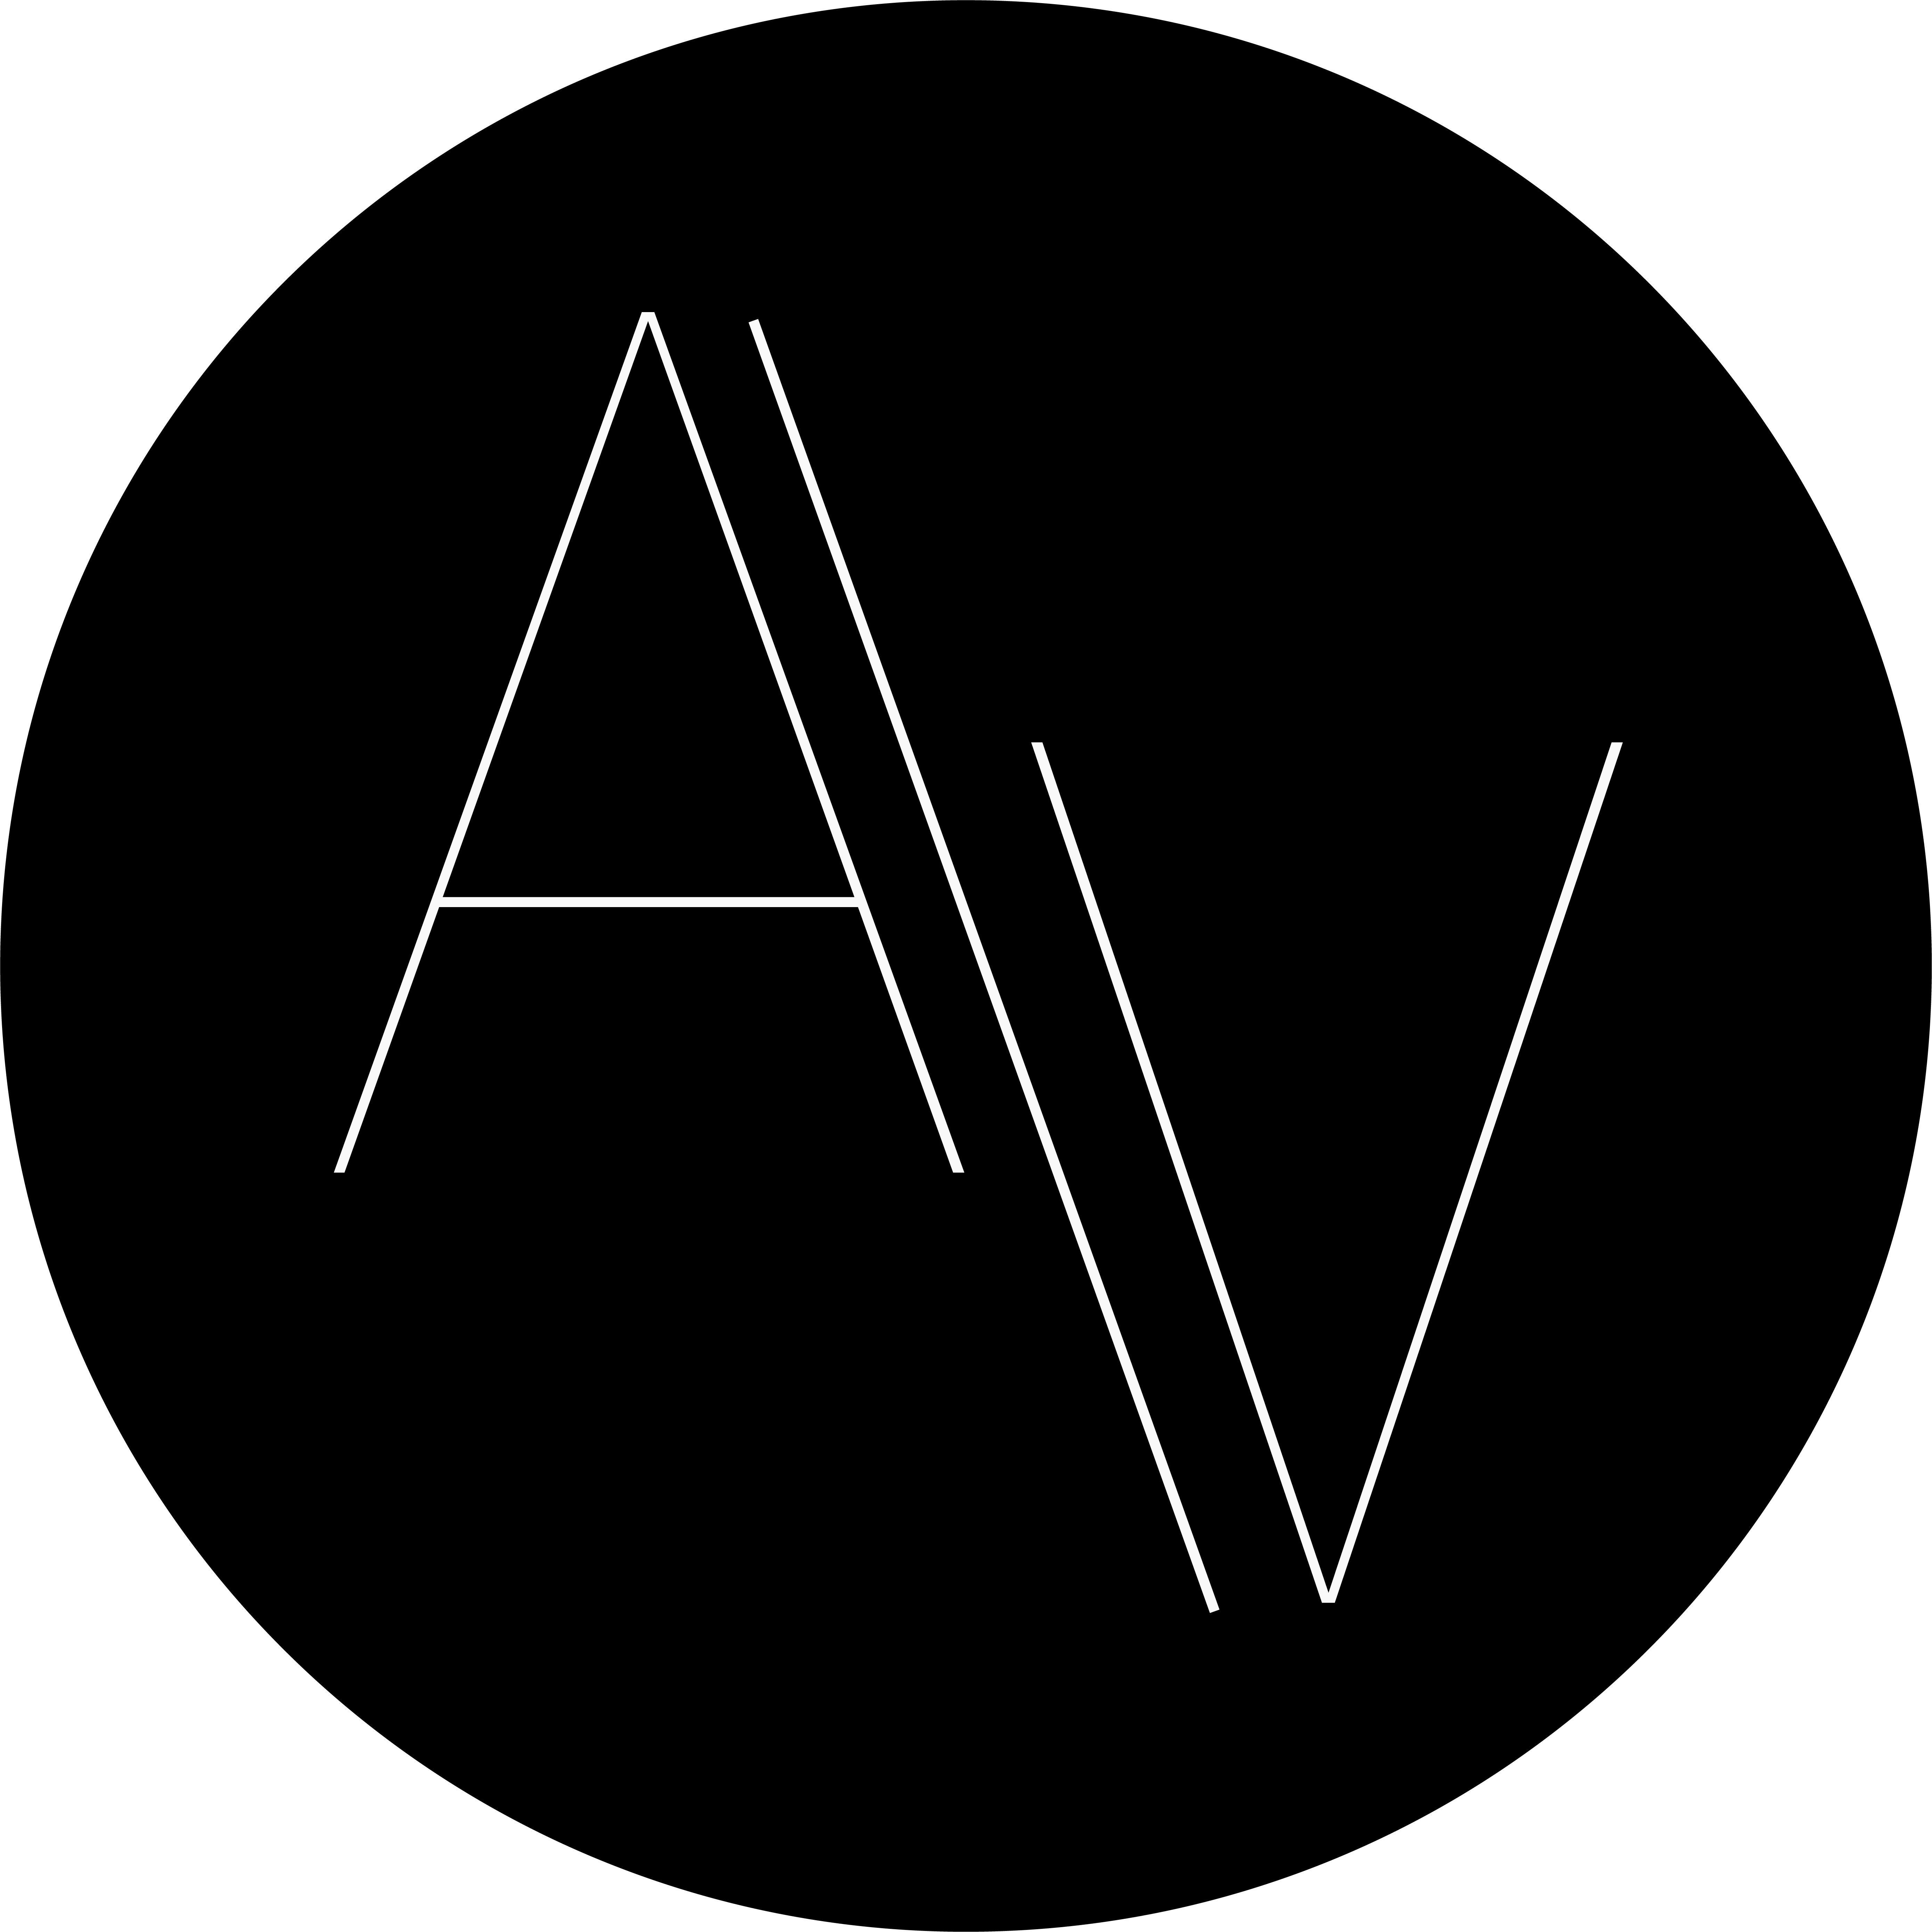 Descarga programas Adobe, arquitectura y más | ArchivosVirtuales